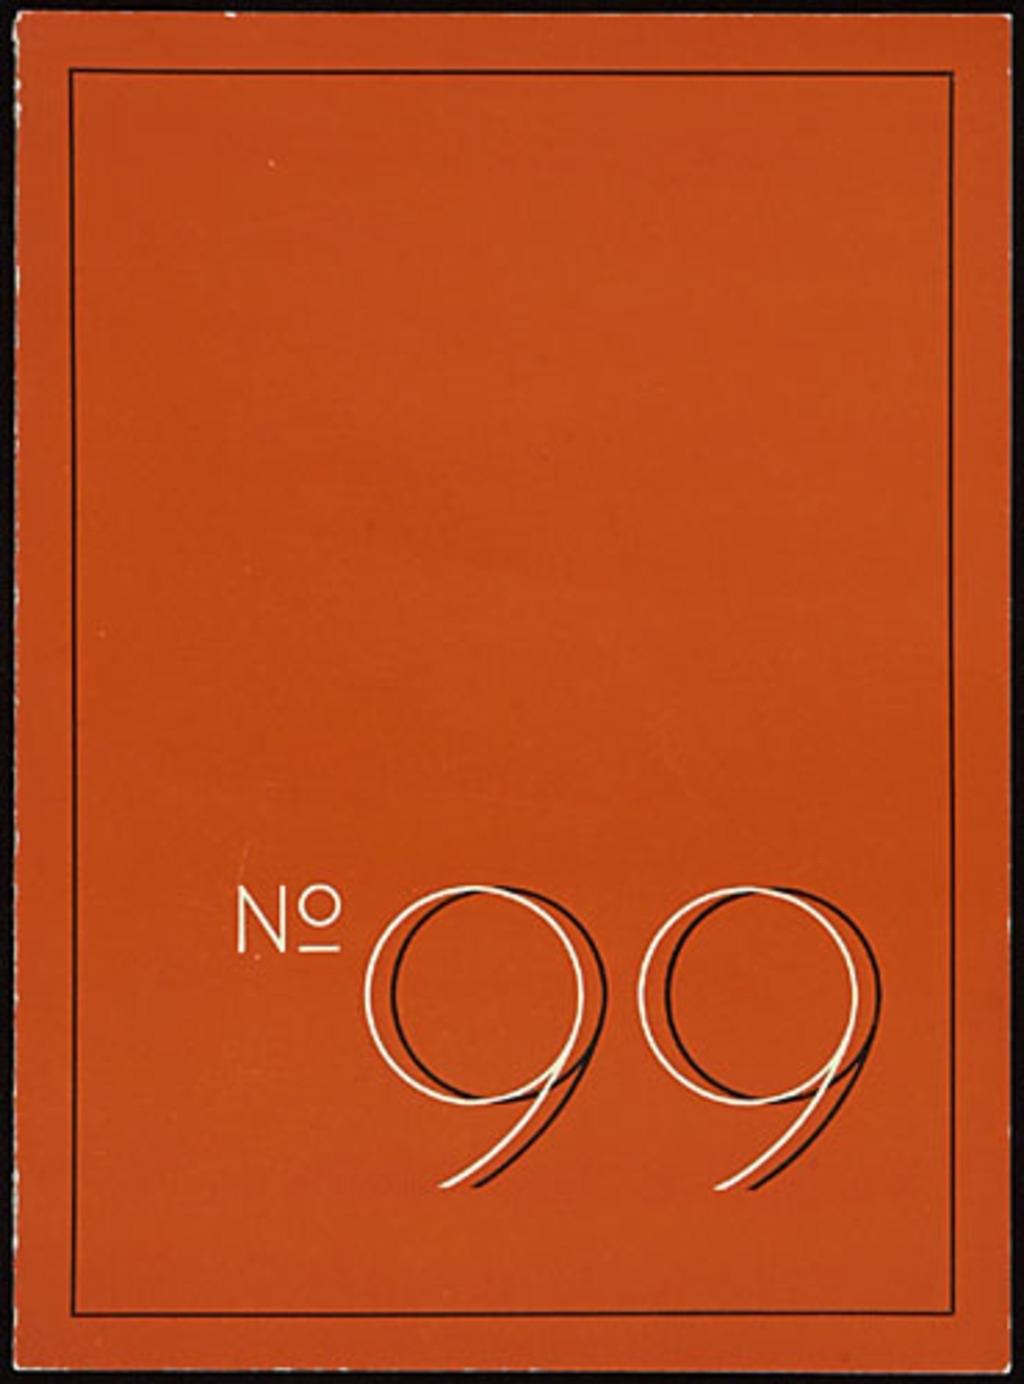 Dépliant « No. 99 », pour Abbott Laboratories